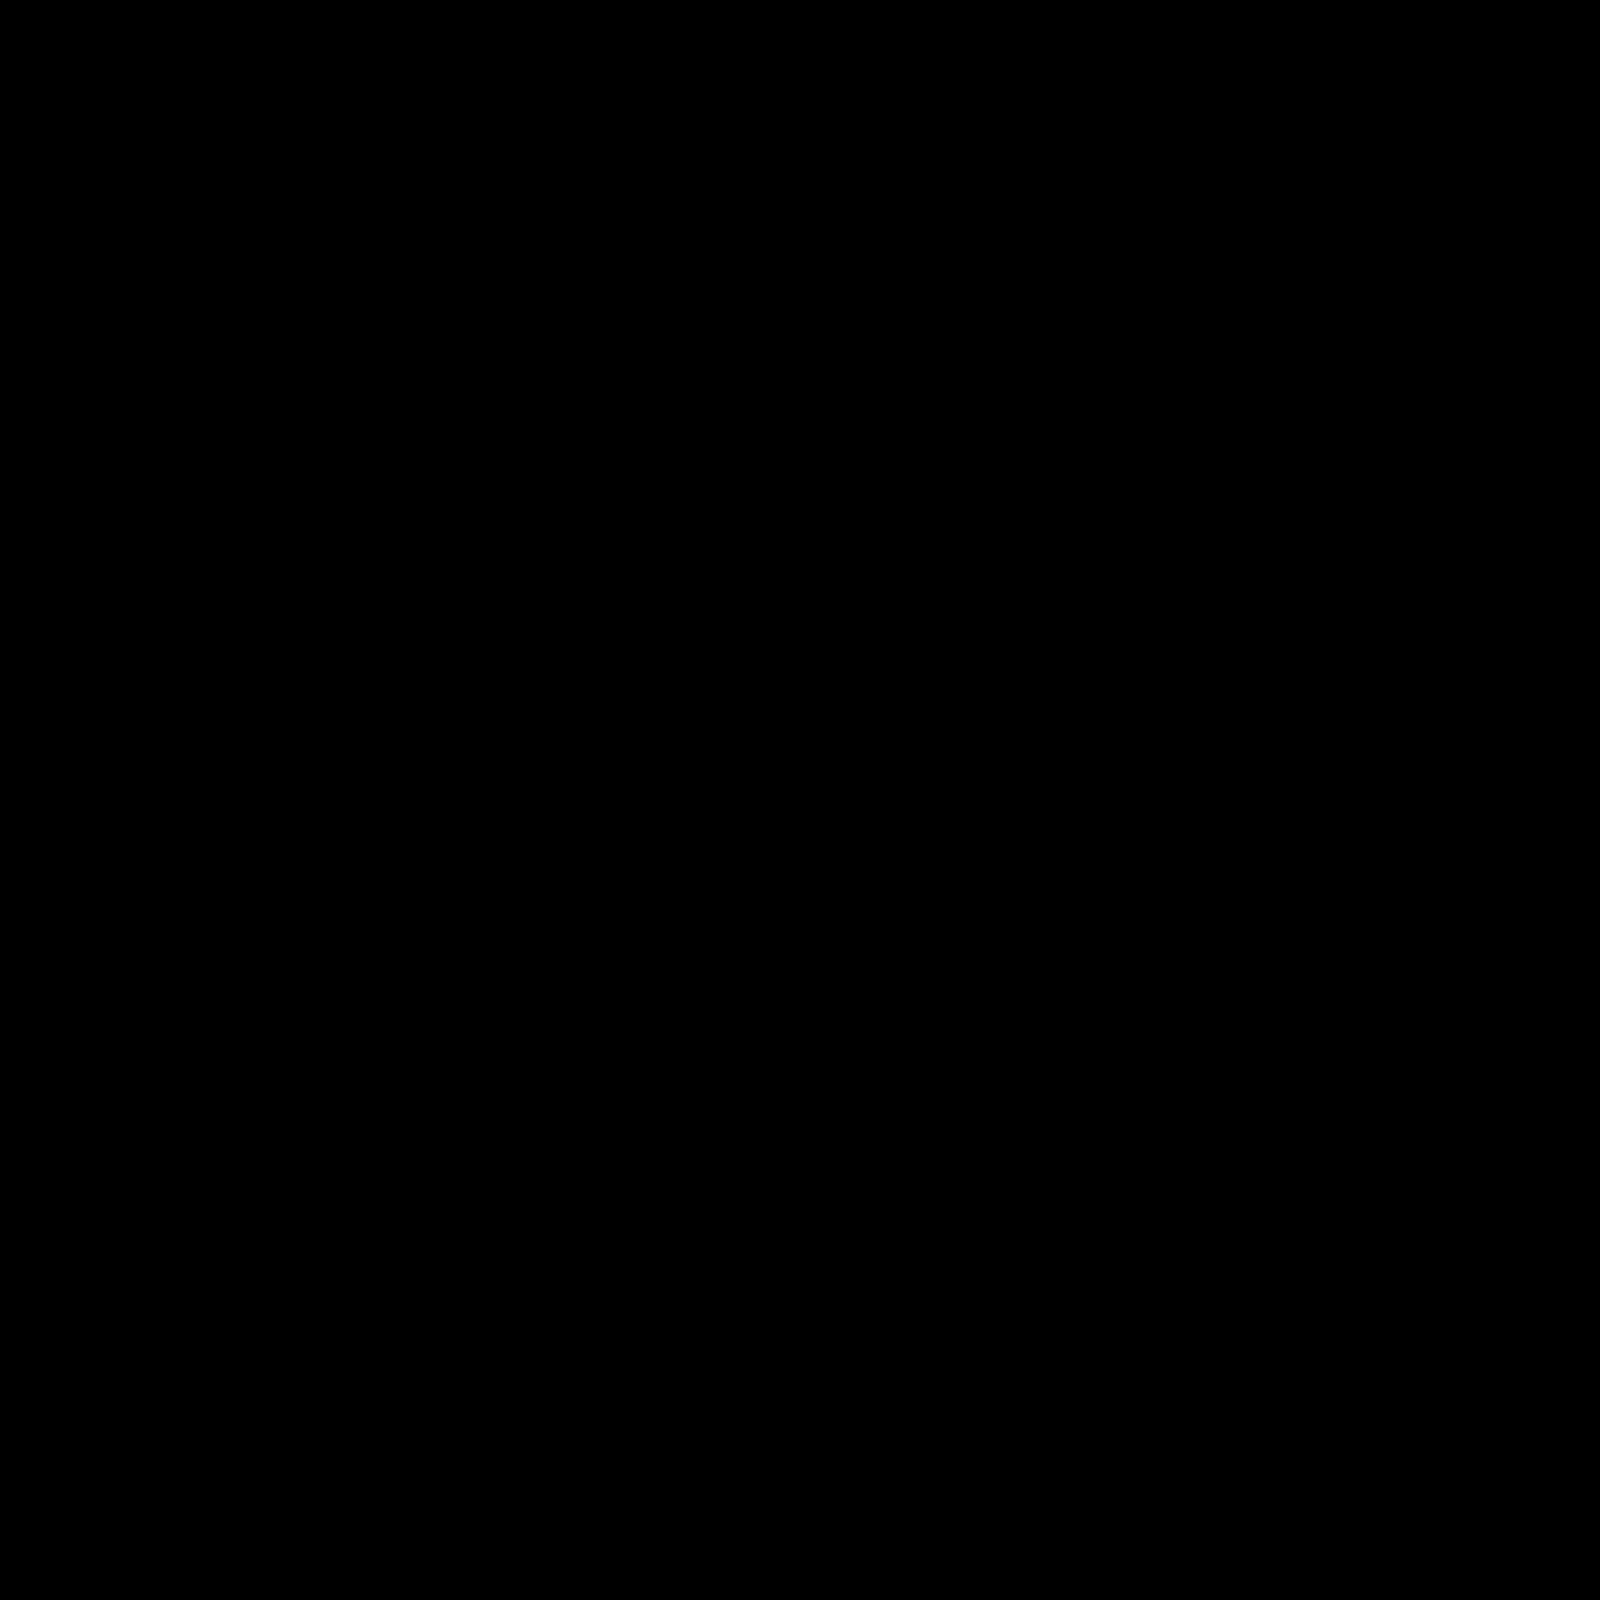 Супер Марио icon